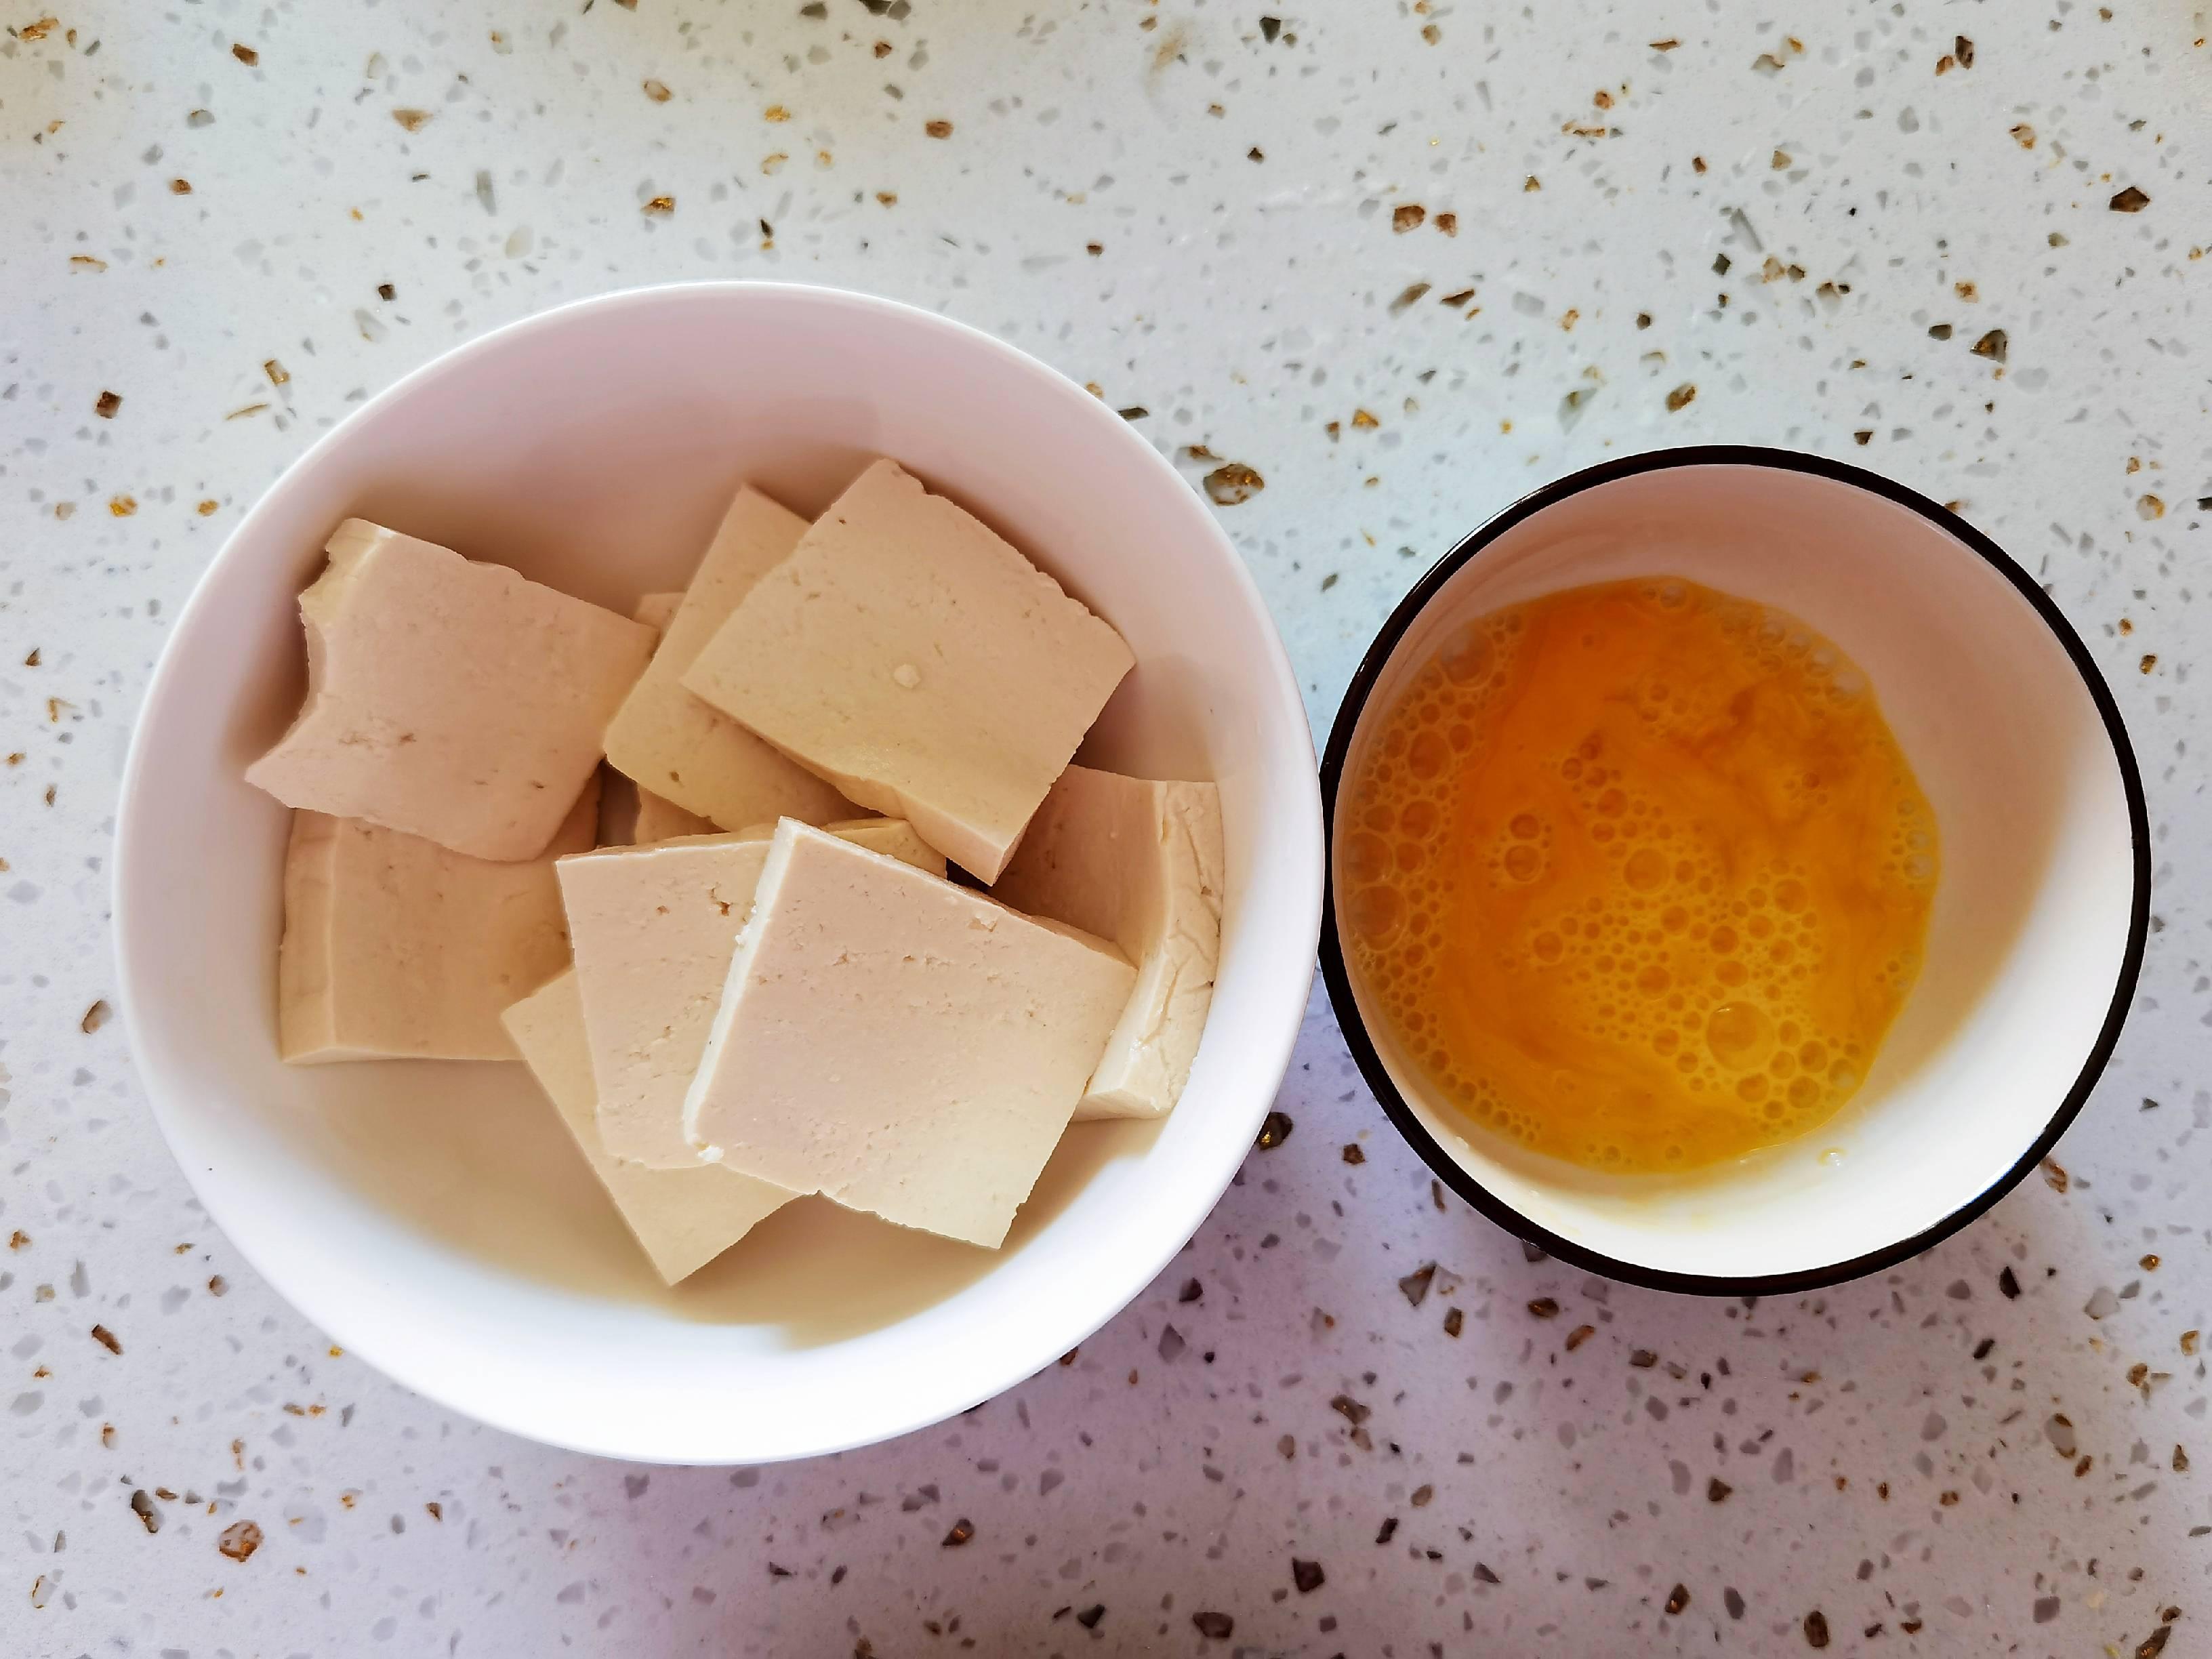 冬日暖胃家常菜-豆腐粉丝煲,荤素搭配,经济实惠又美味的做法大全